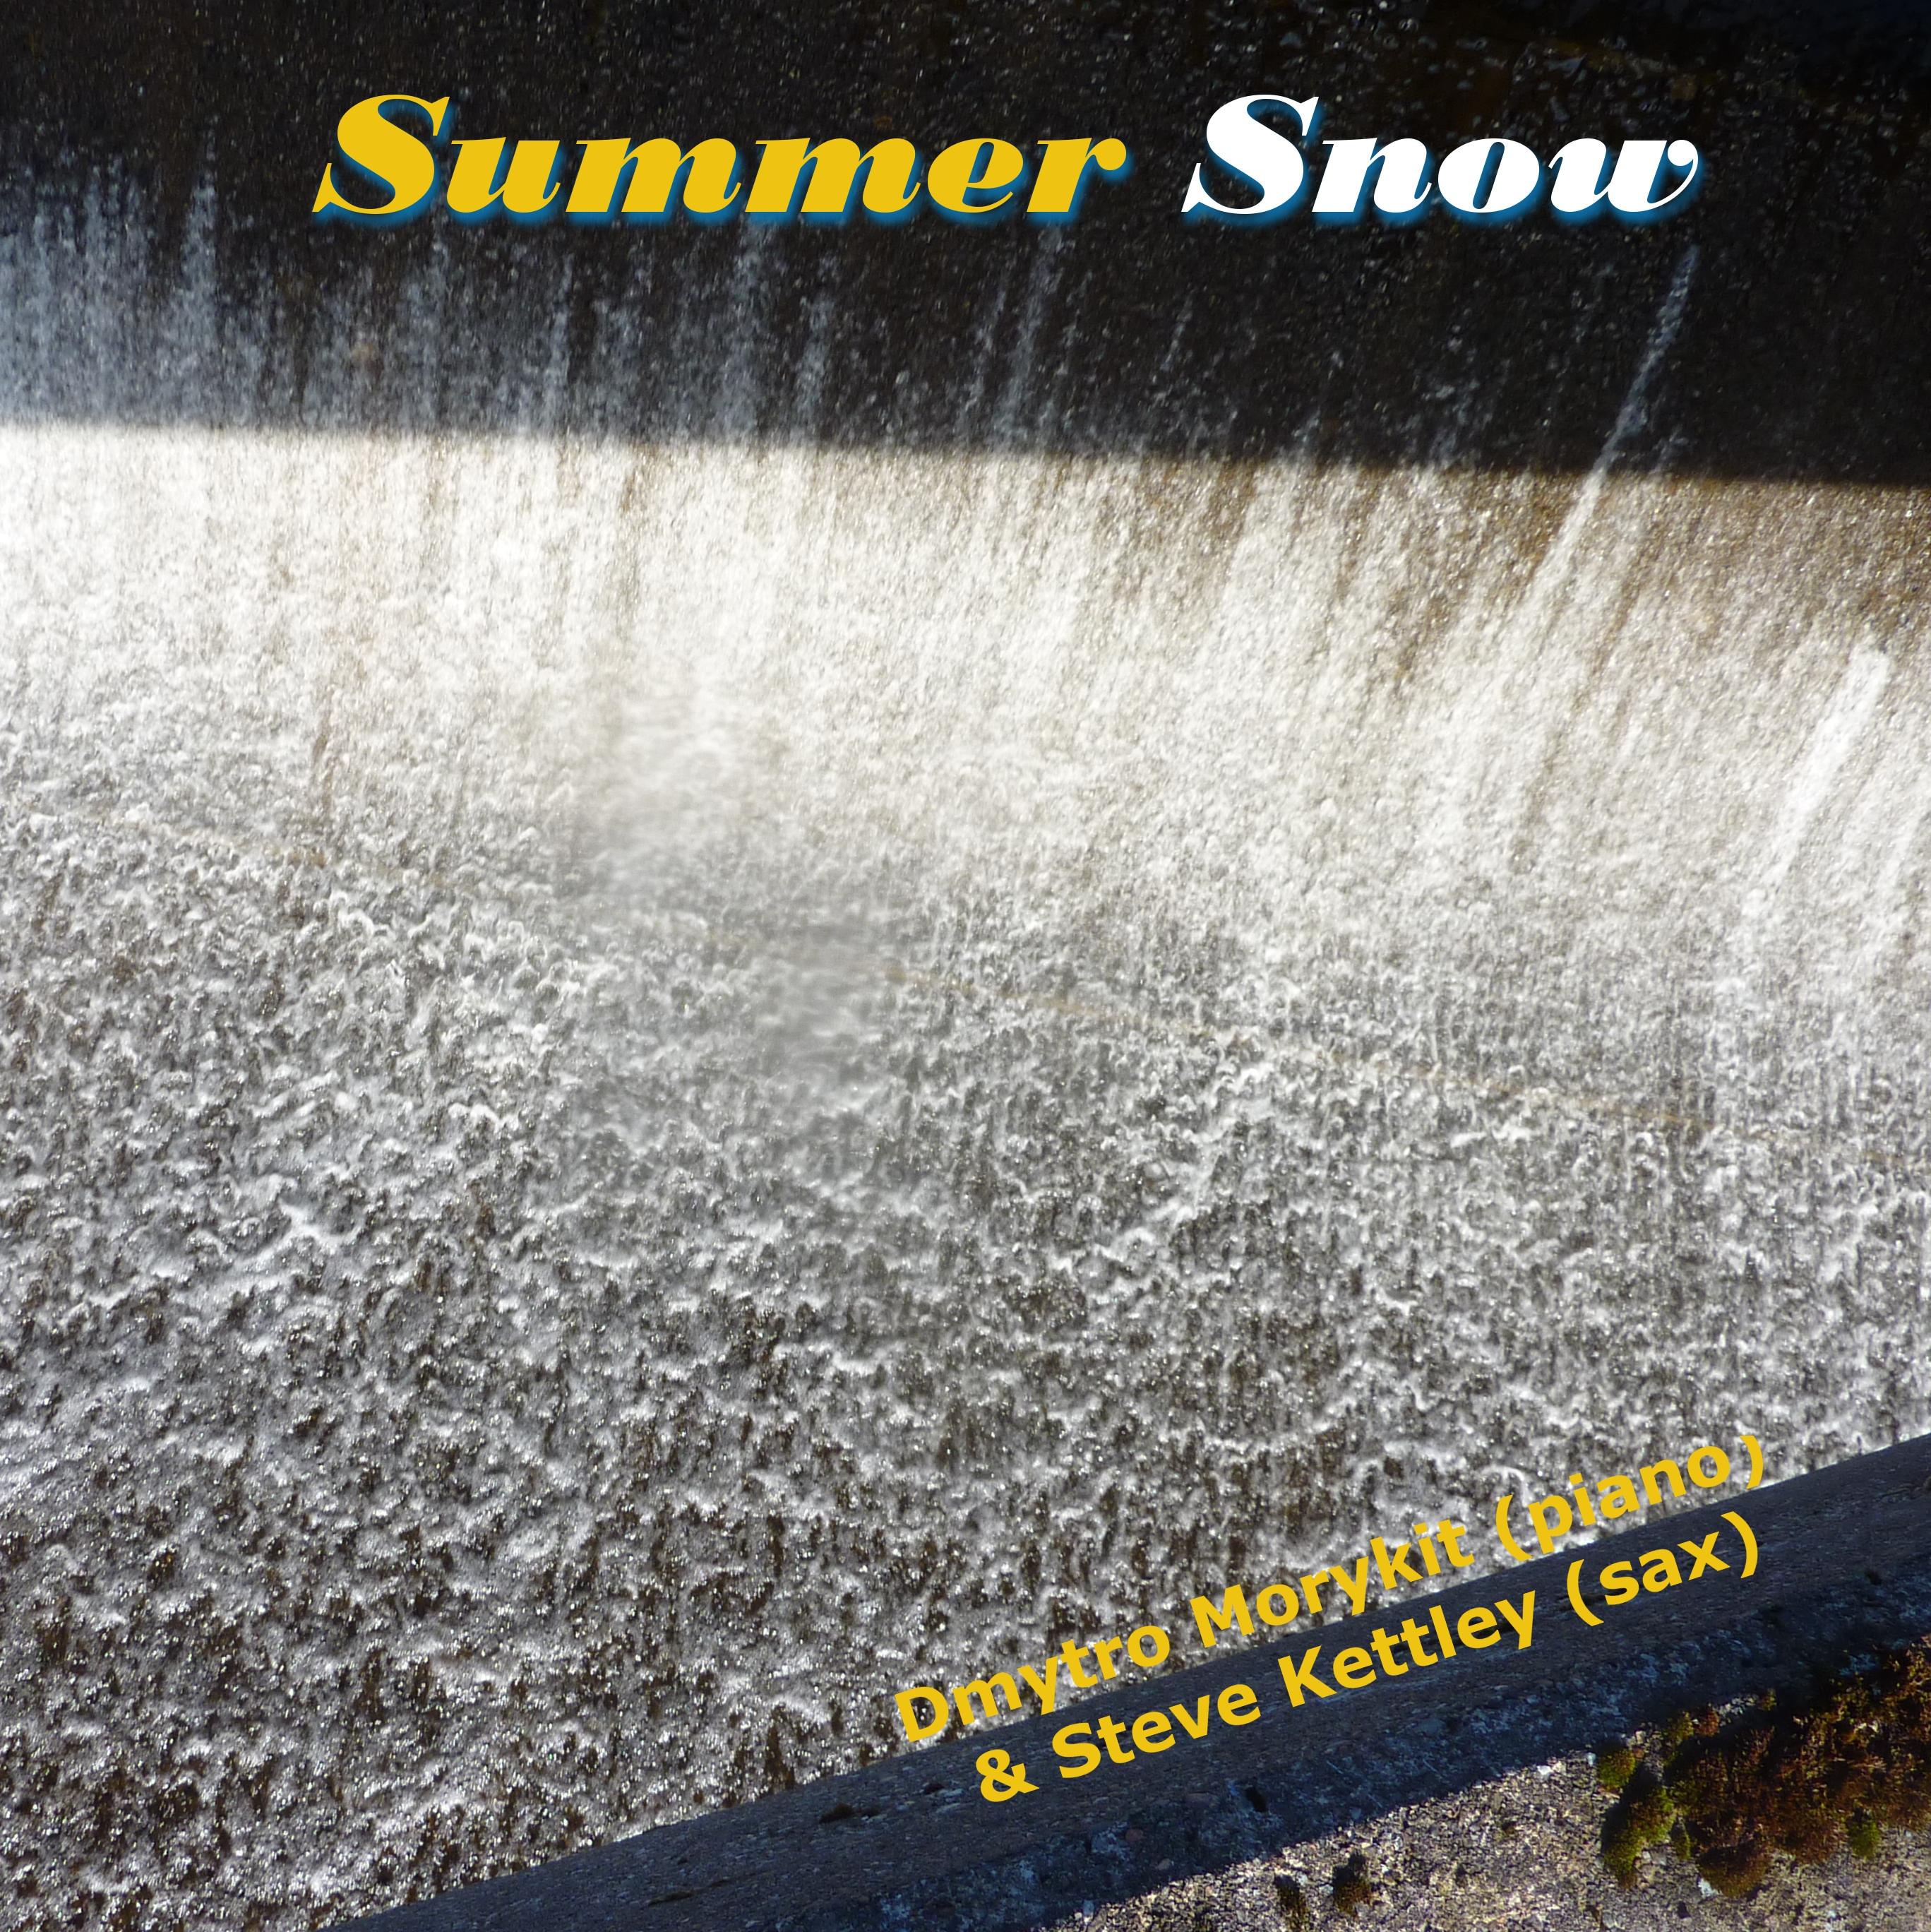 https://0501.nccdn.net/4_2/000/000/046/6ea/SummerSnow-2735x2736.jpg